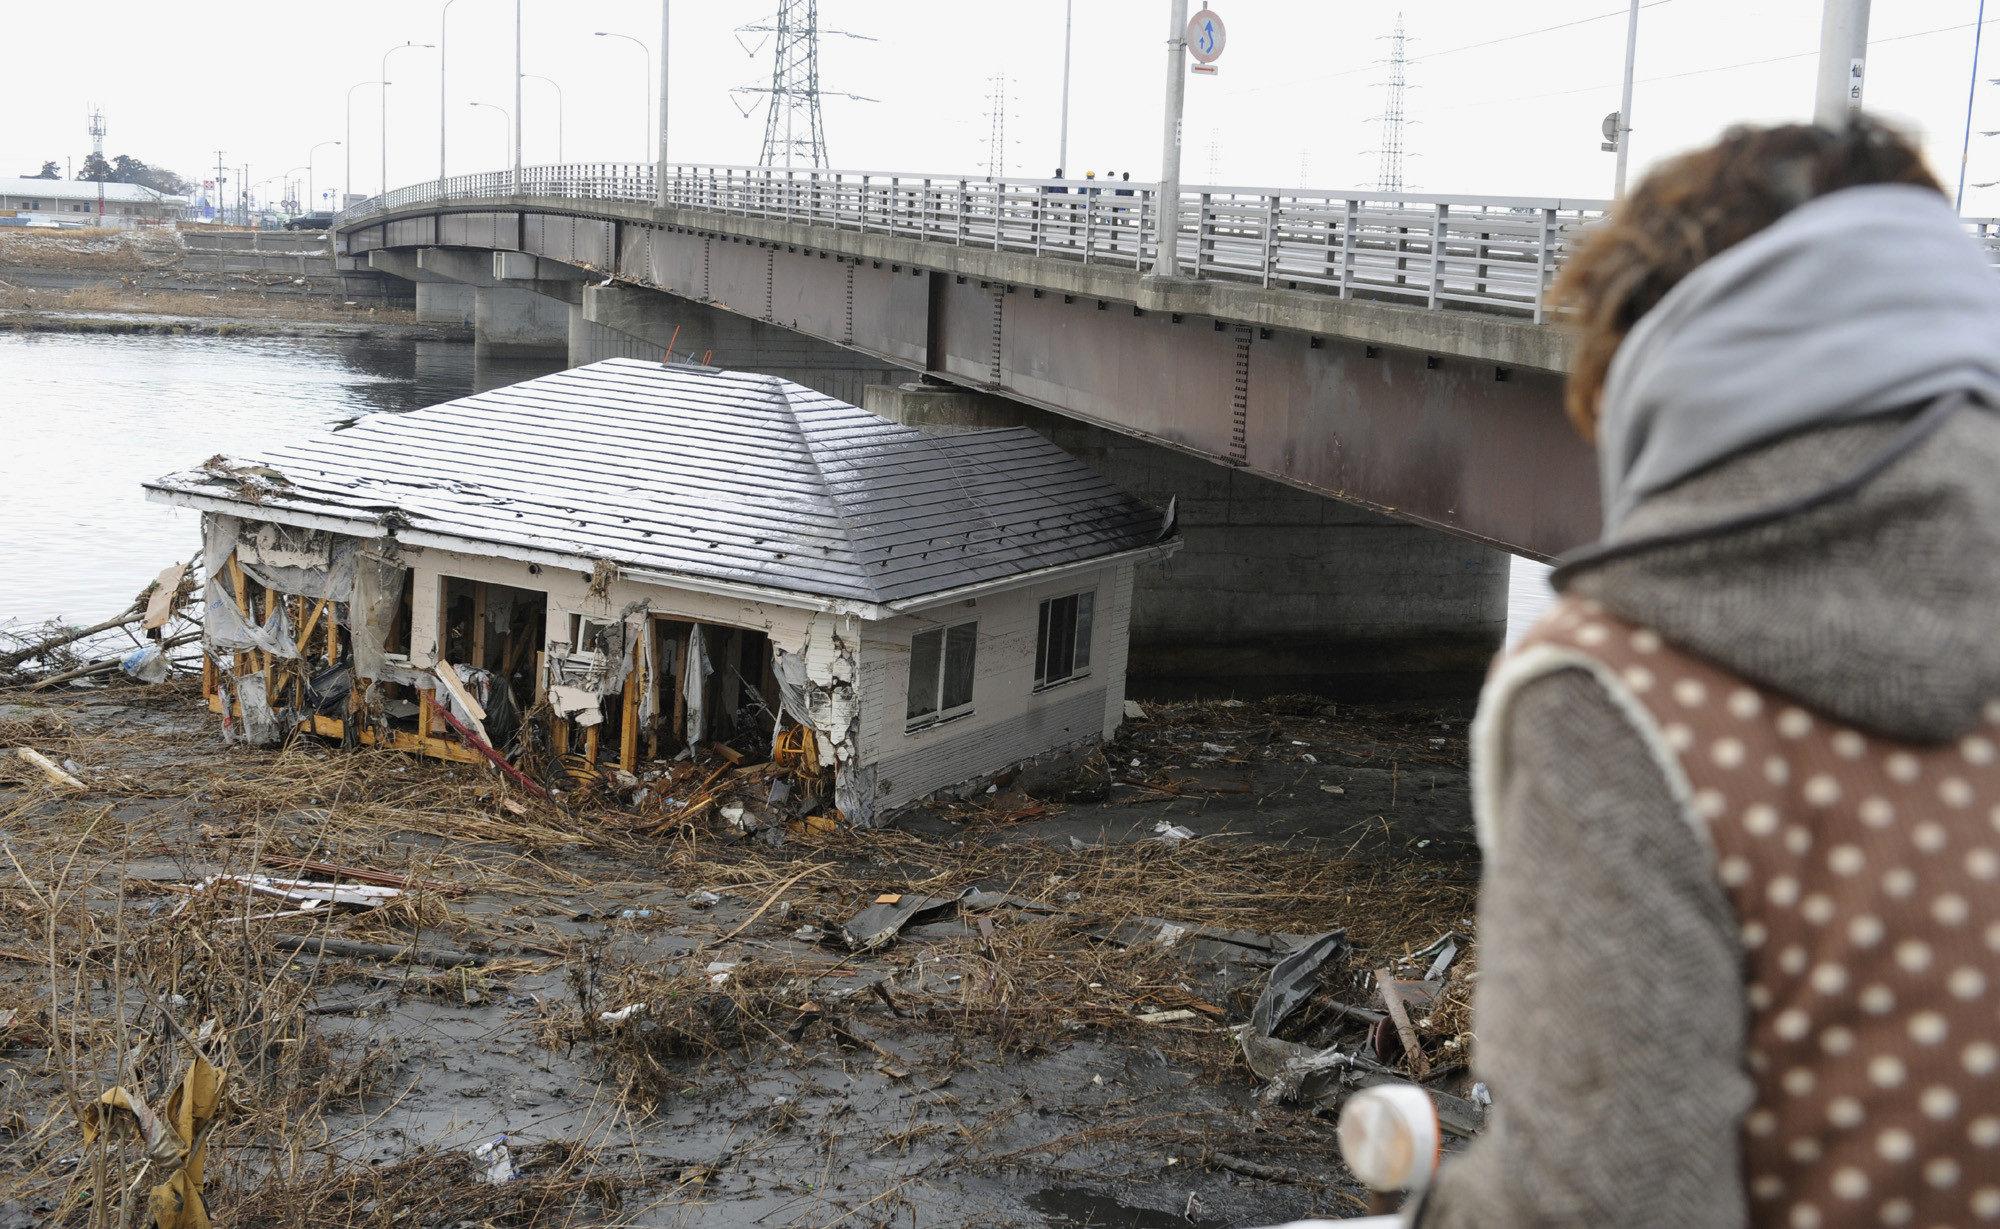 Подборка фотографий последствий страшного землетрясения в Японии